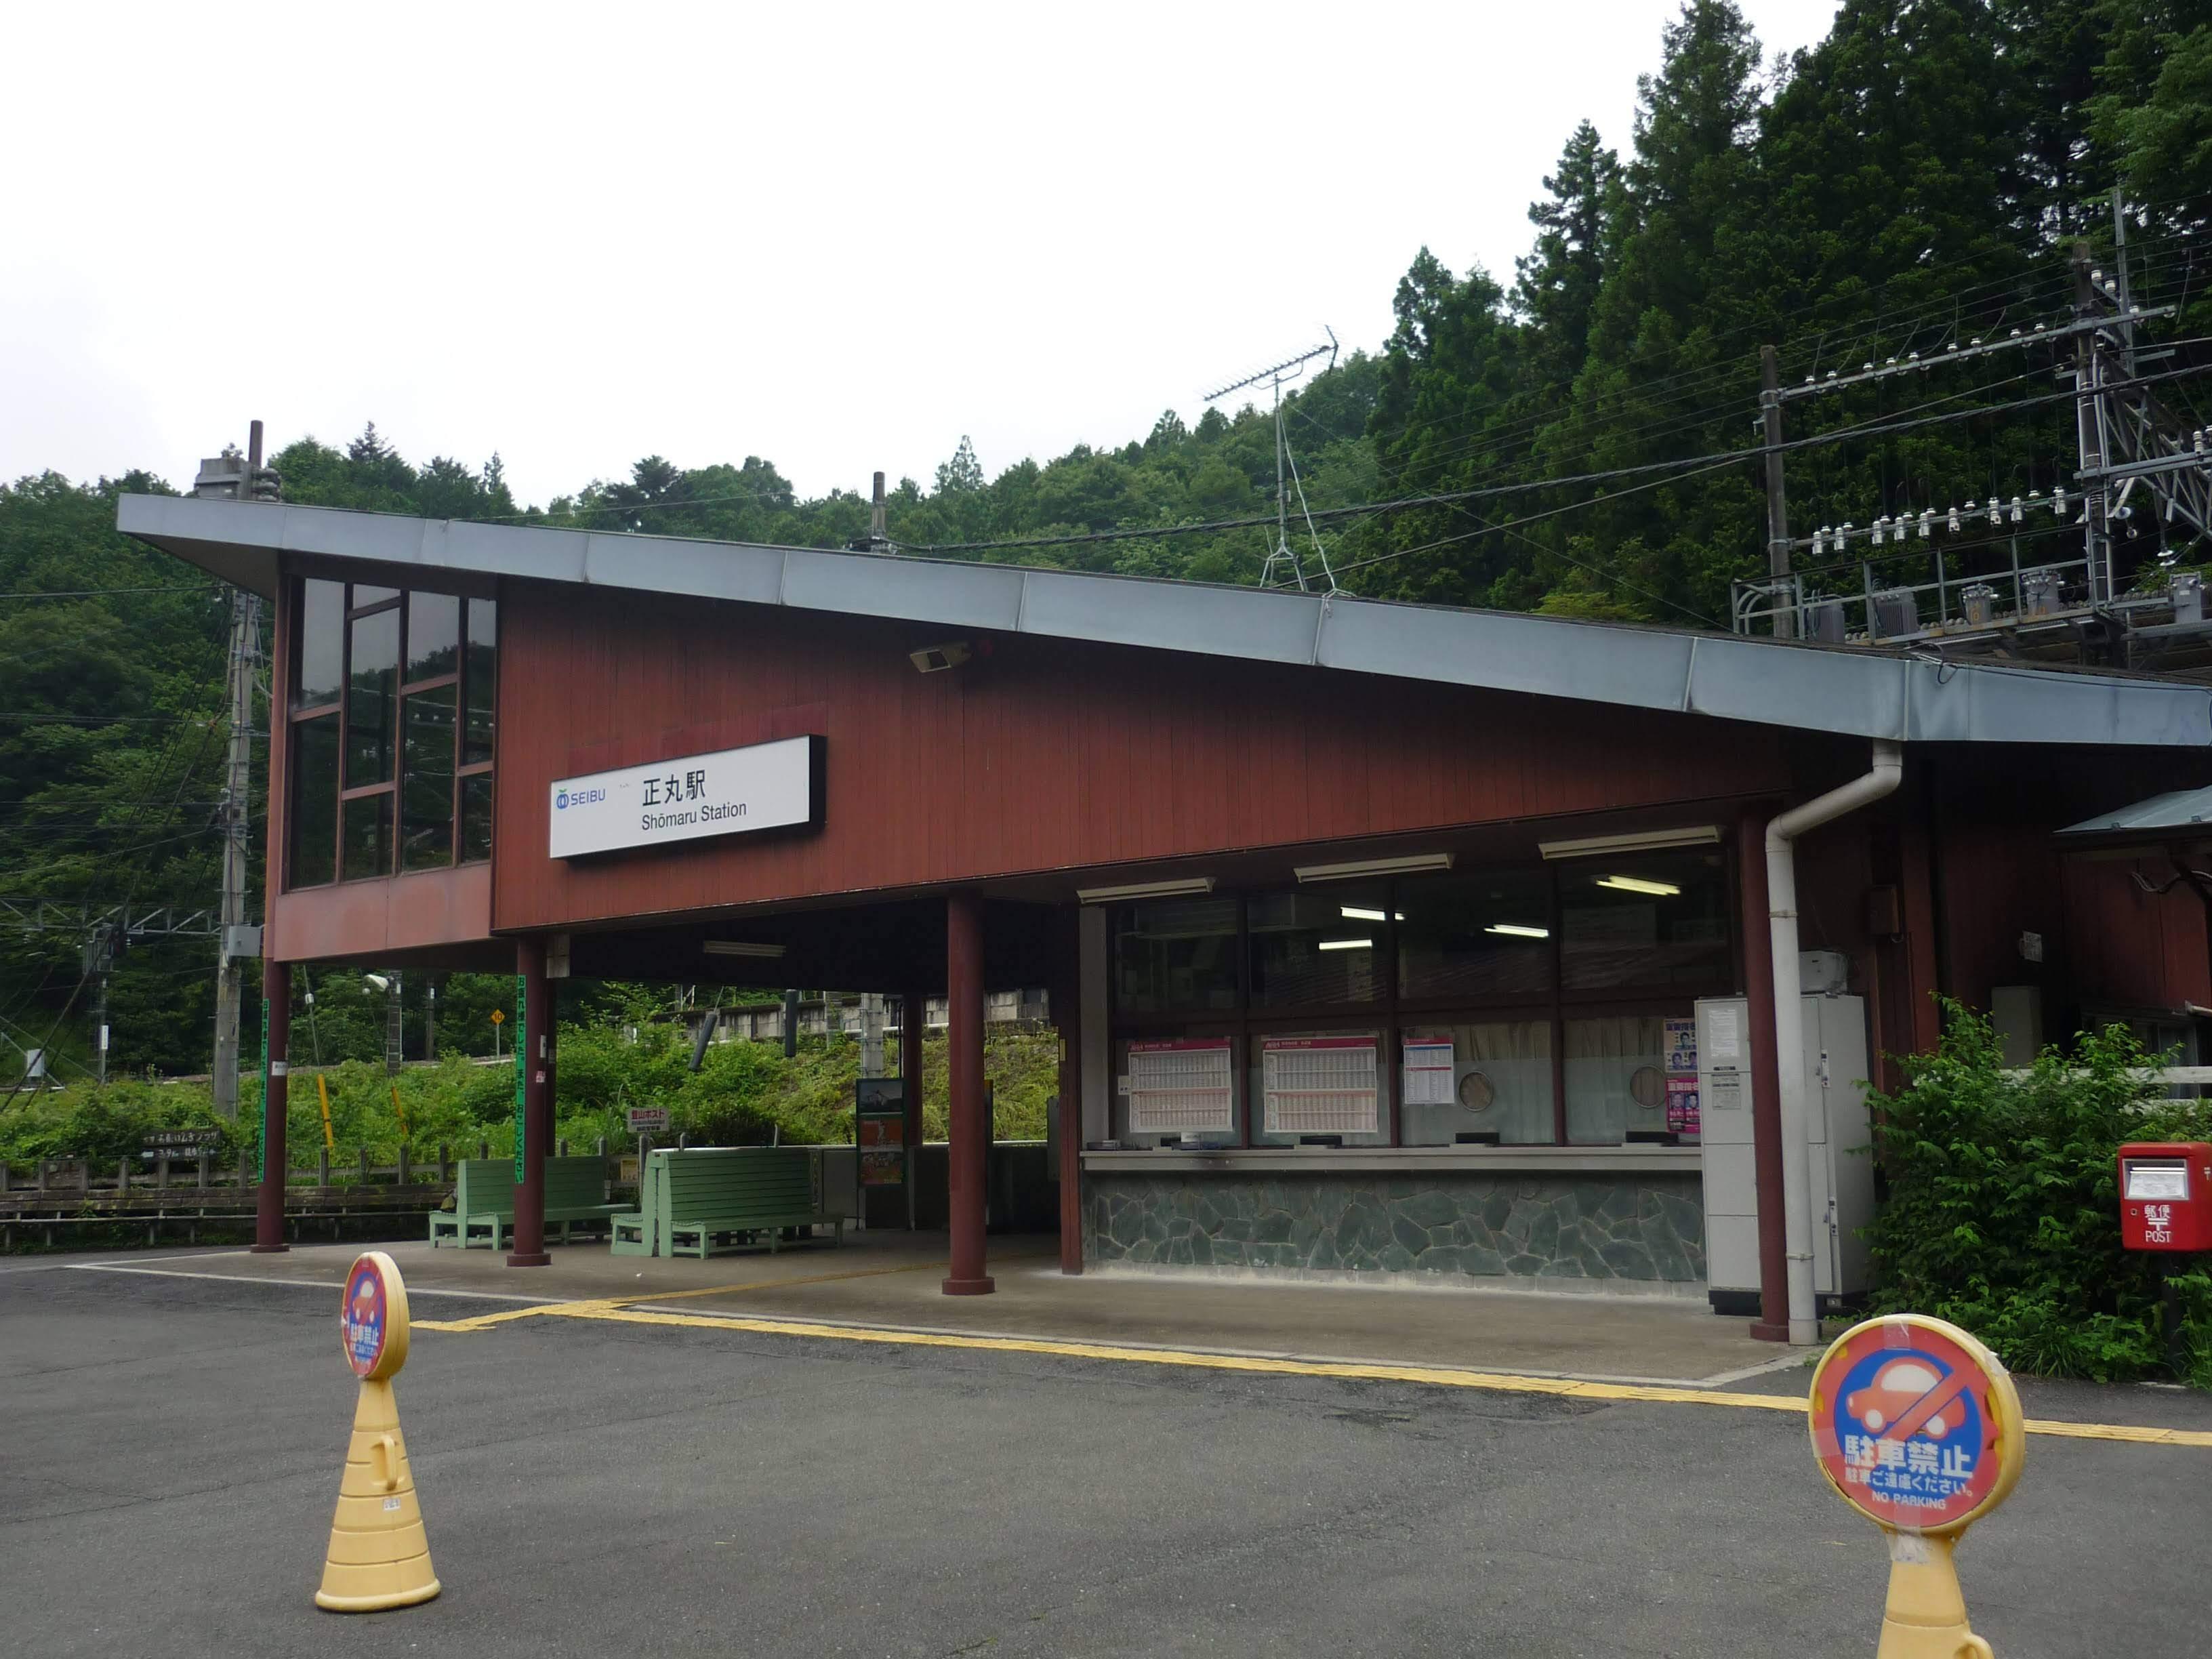 正丸駅 - Wikipedia